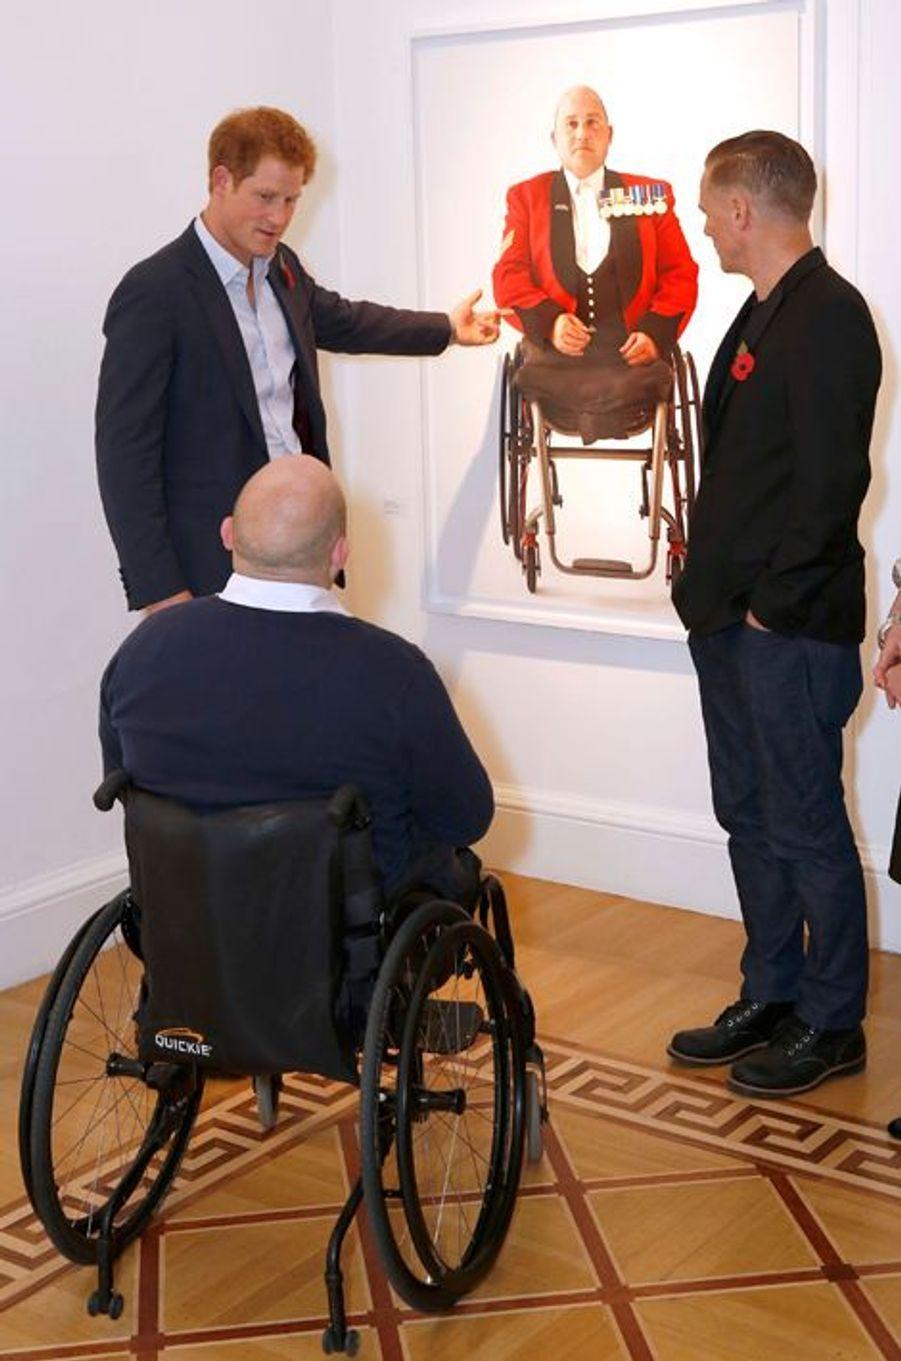 Le prince Harry visite l'exposition de photographies de militaires blessés de Bryan Adams à la Somerset House à Londres, le 11 novembre 2014